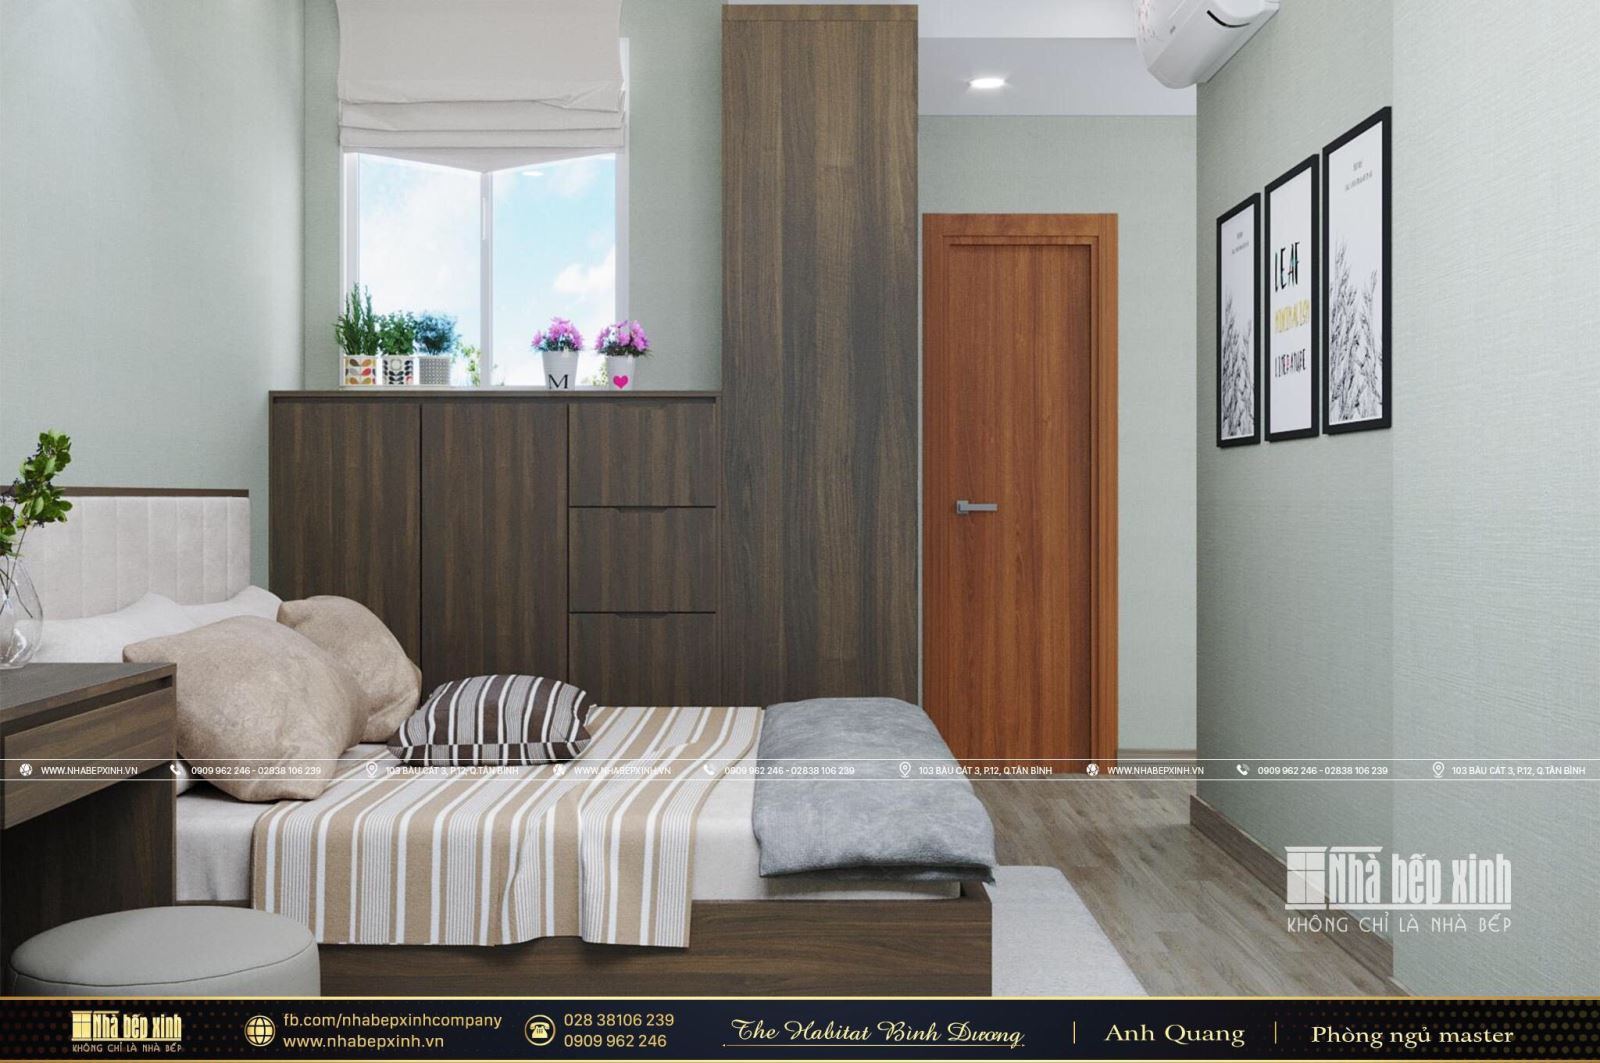 Thiết kế nội thất chung cư đẹp căn The Habitat Bình Dương 84m2 mang đậm phong cách hiện đại